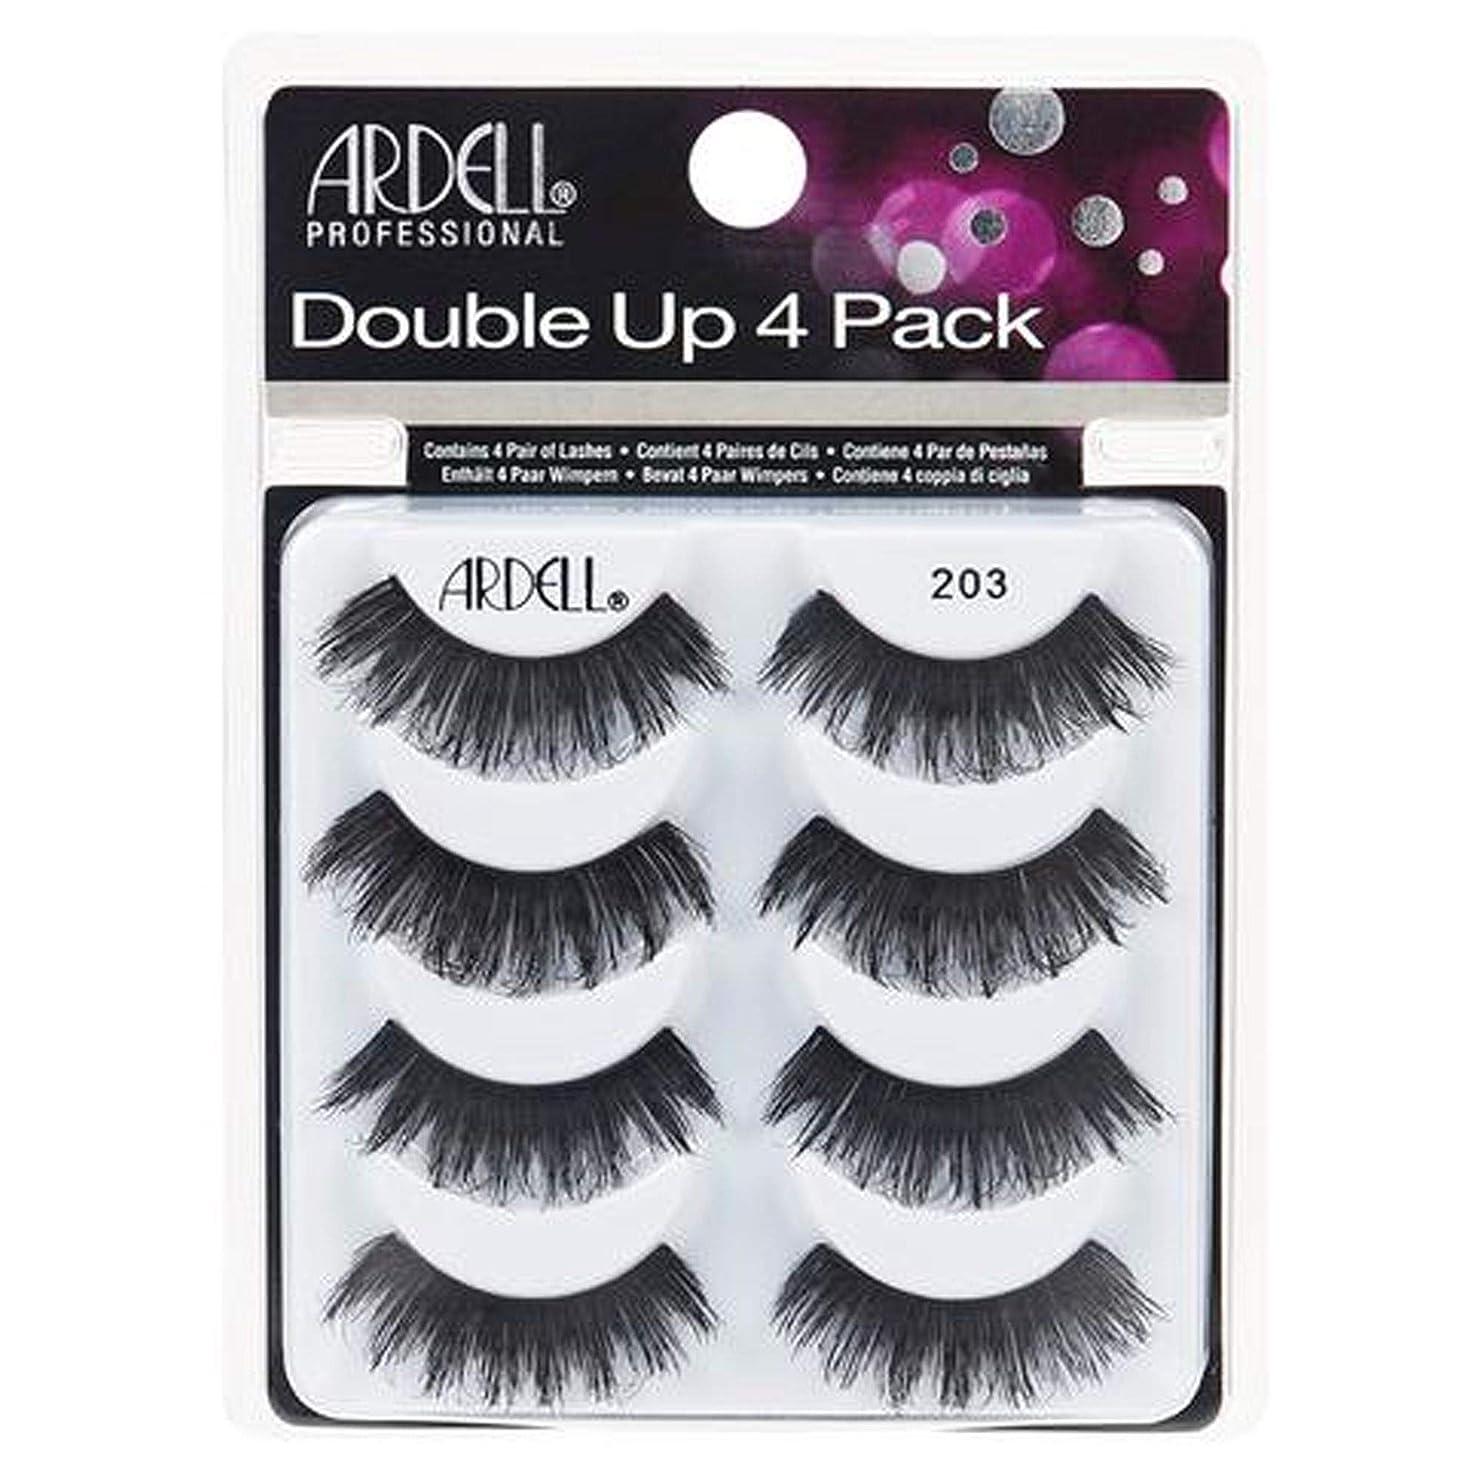 害虫歪める不可能なArdell Double Up 4 Pack Lashes - 203